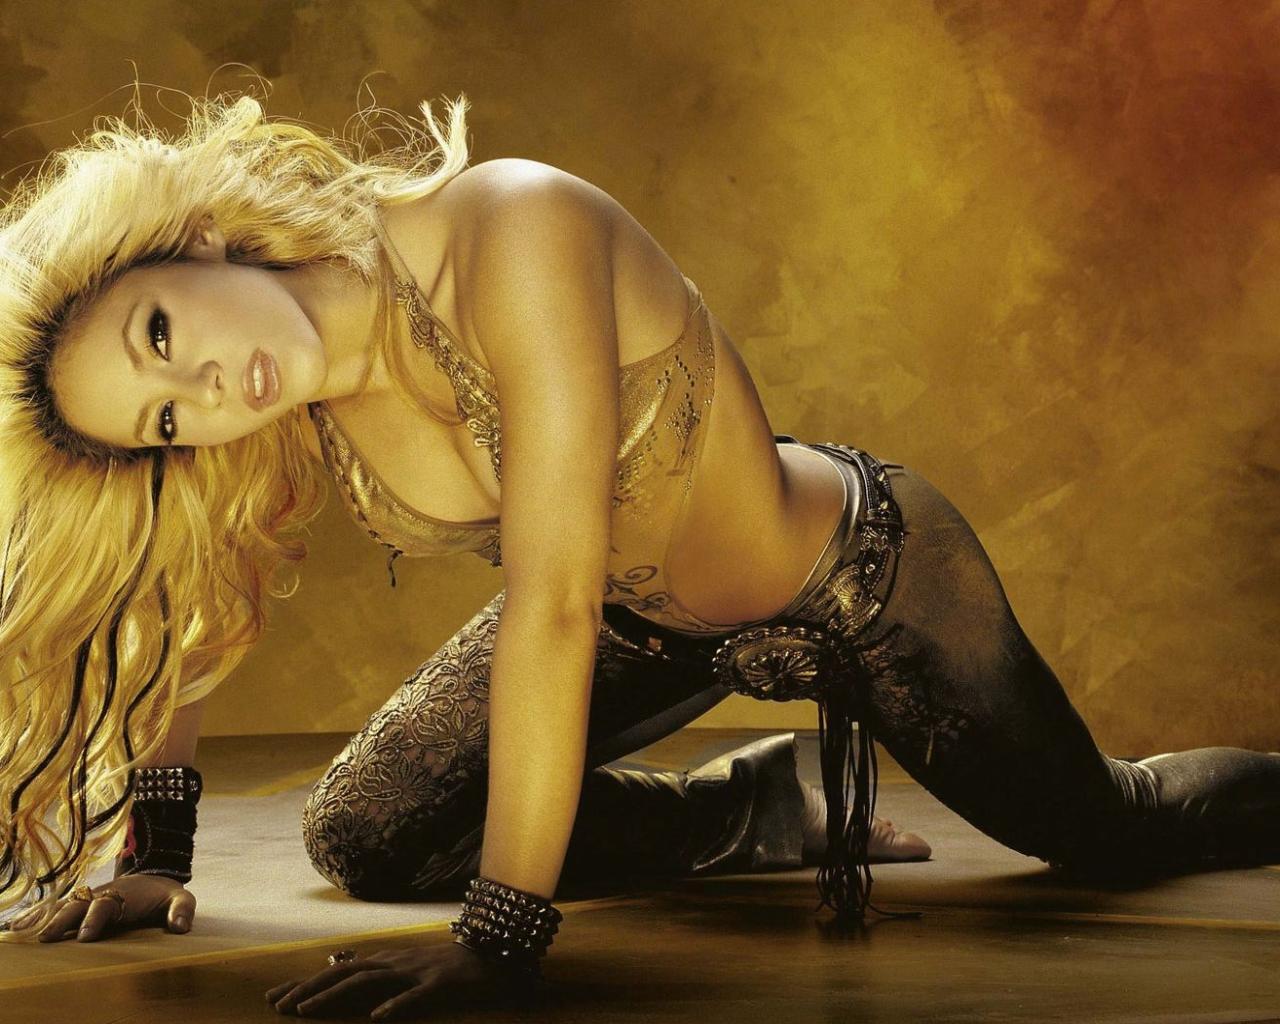 Шакира в ххх 16 фотография